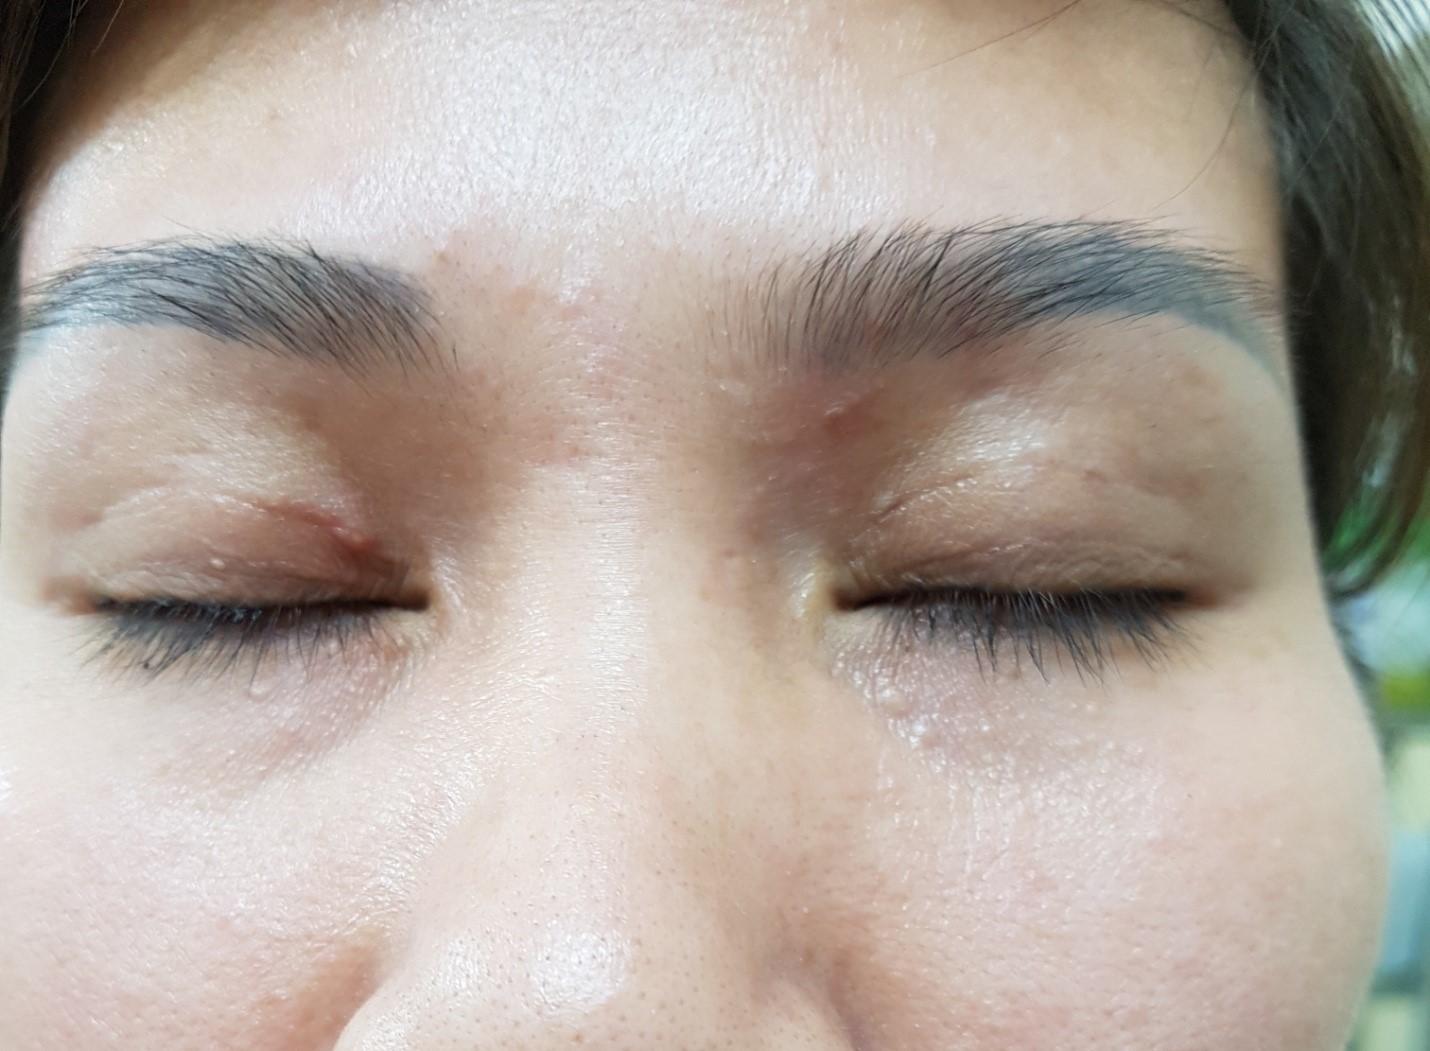 Dọc theo đường mi mắt là những ổ micro apxe nhỏ viêm sưng và mưng mủ do người làm không có kiến thức về vô trùng